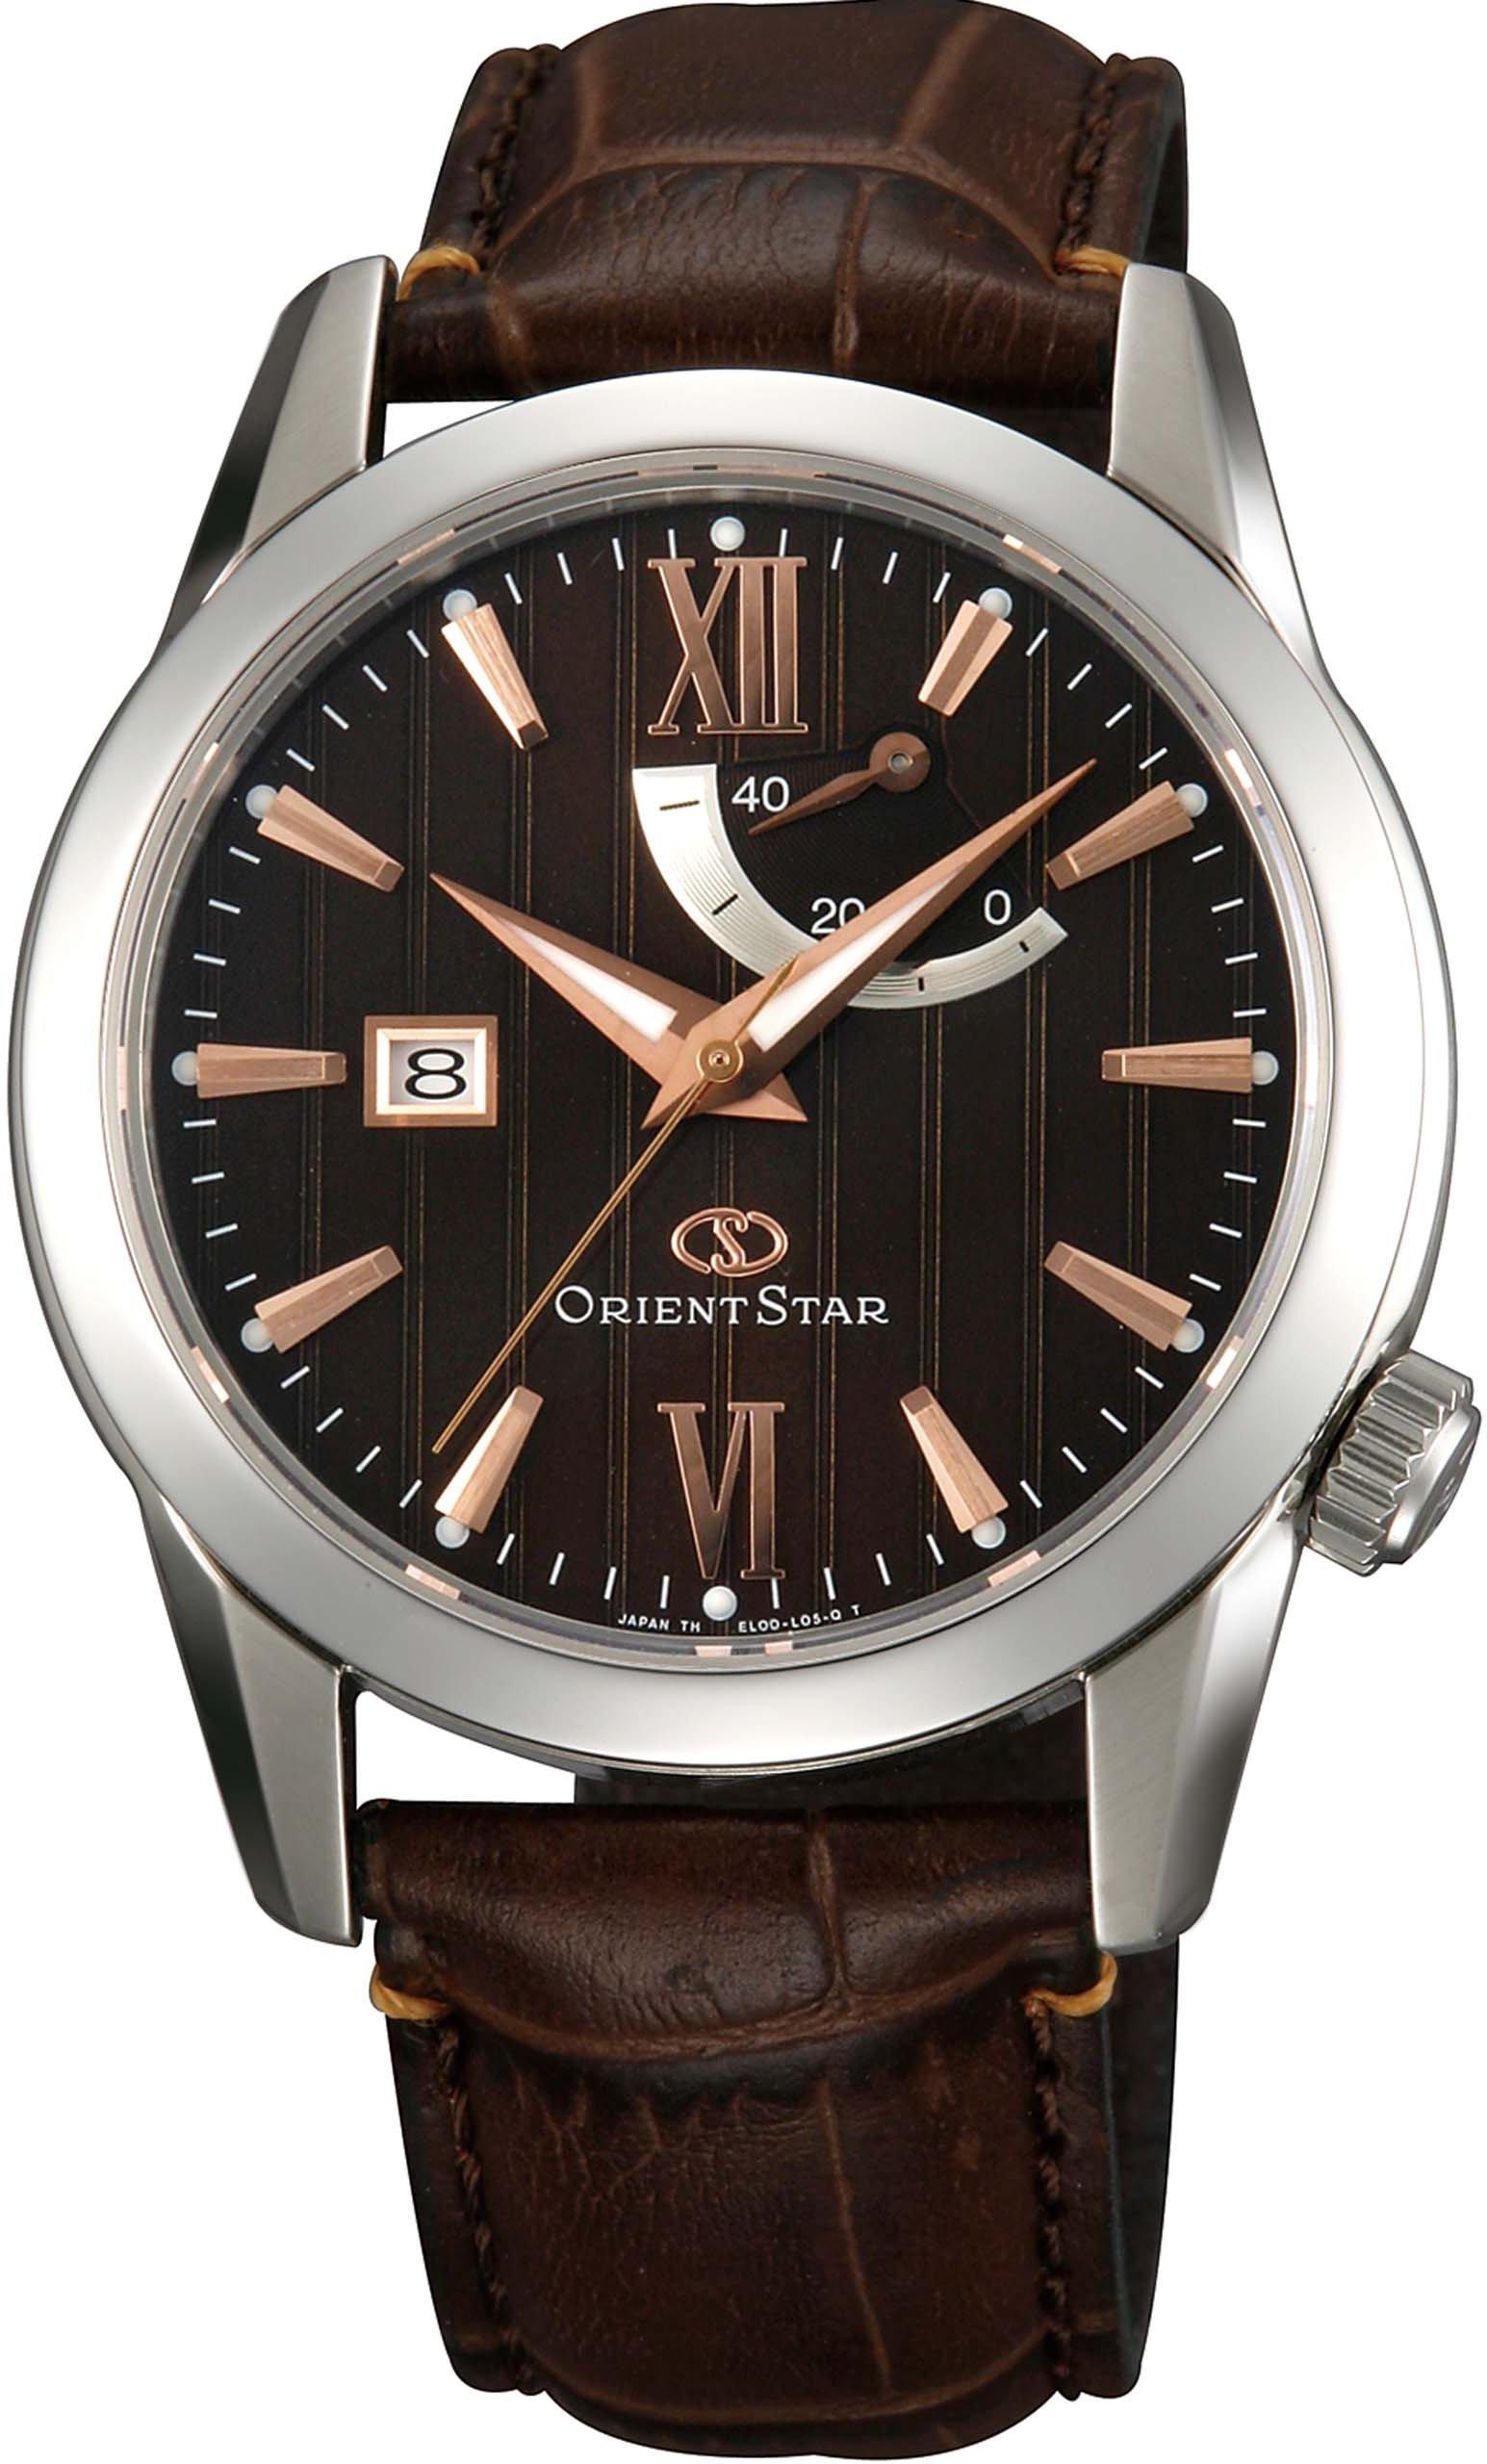 [Orient] Orient Watch Orientstar Orient Star Self-winding Power Reserve Wz0301el Men